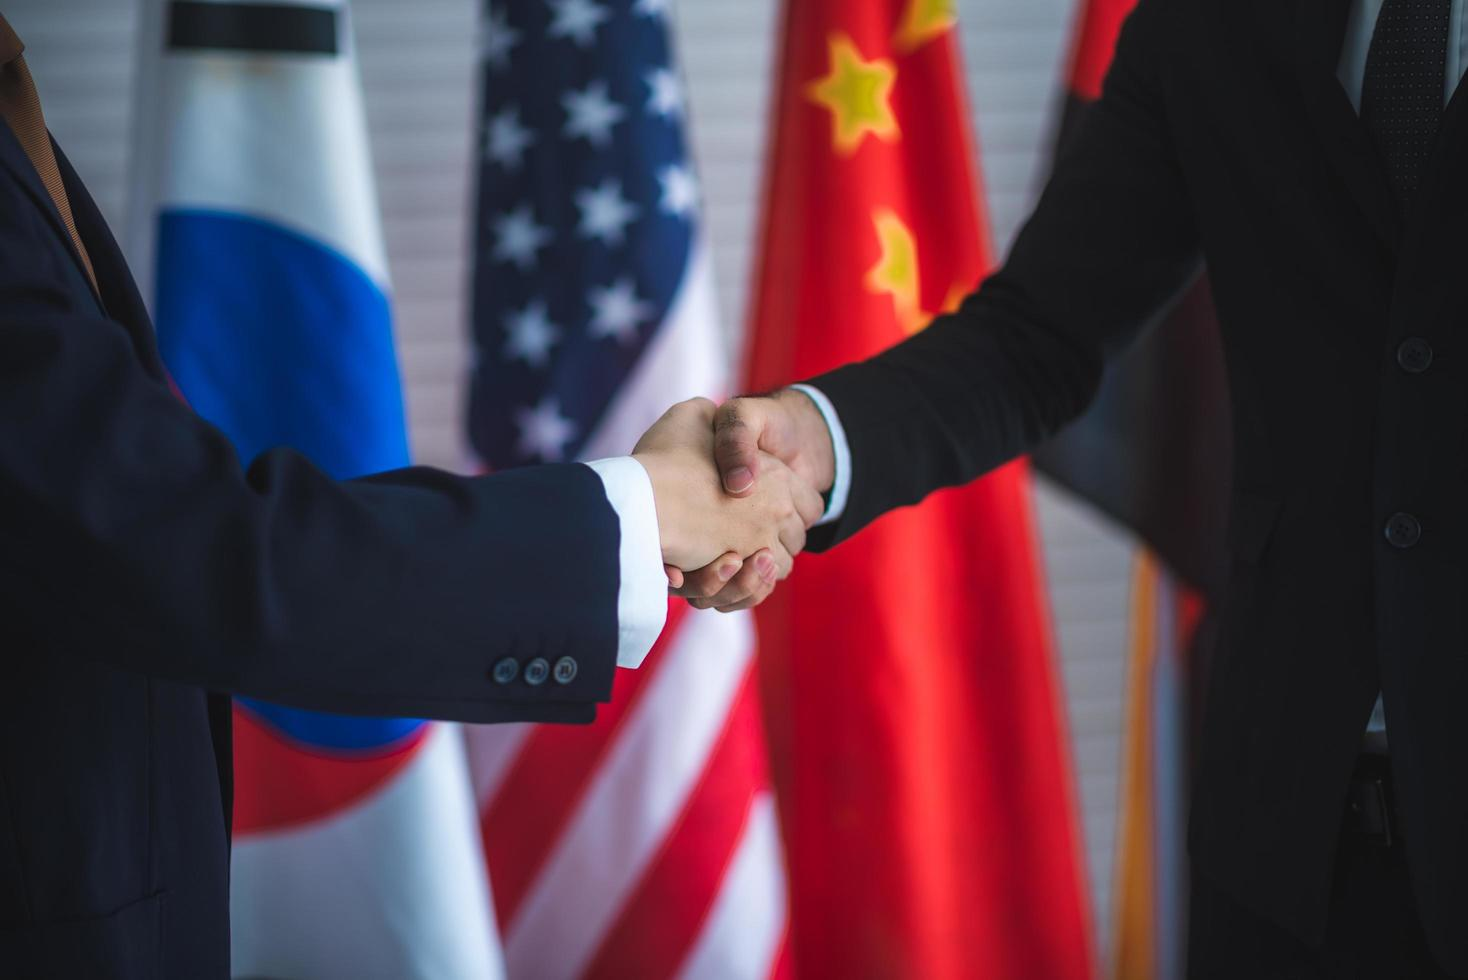 mensen uit het bedrijfsleven schudden handen, internationale vlag achtergrond foto